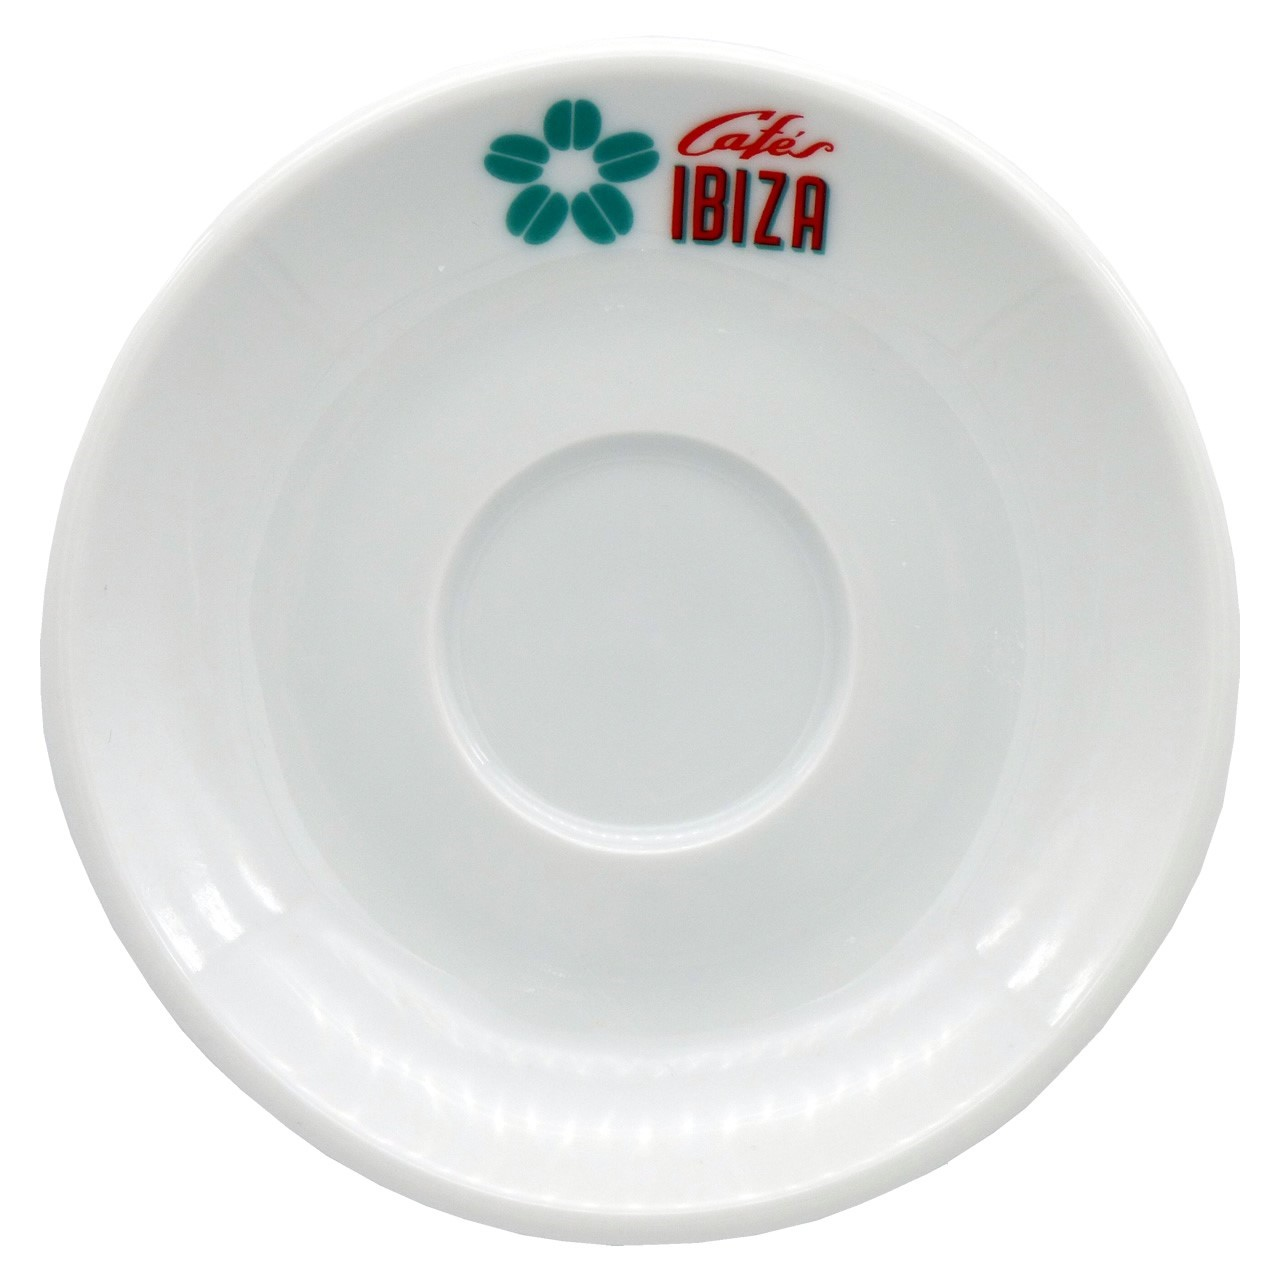 """Bild von Milchkaffee Tasse """"Cafés Ibiza"""" aus weißer Keramik (120 ml)"""